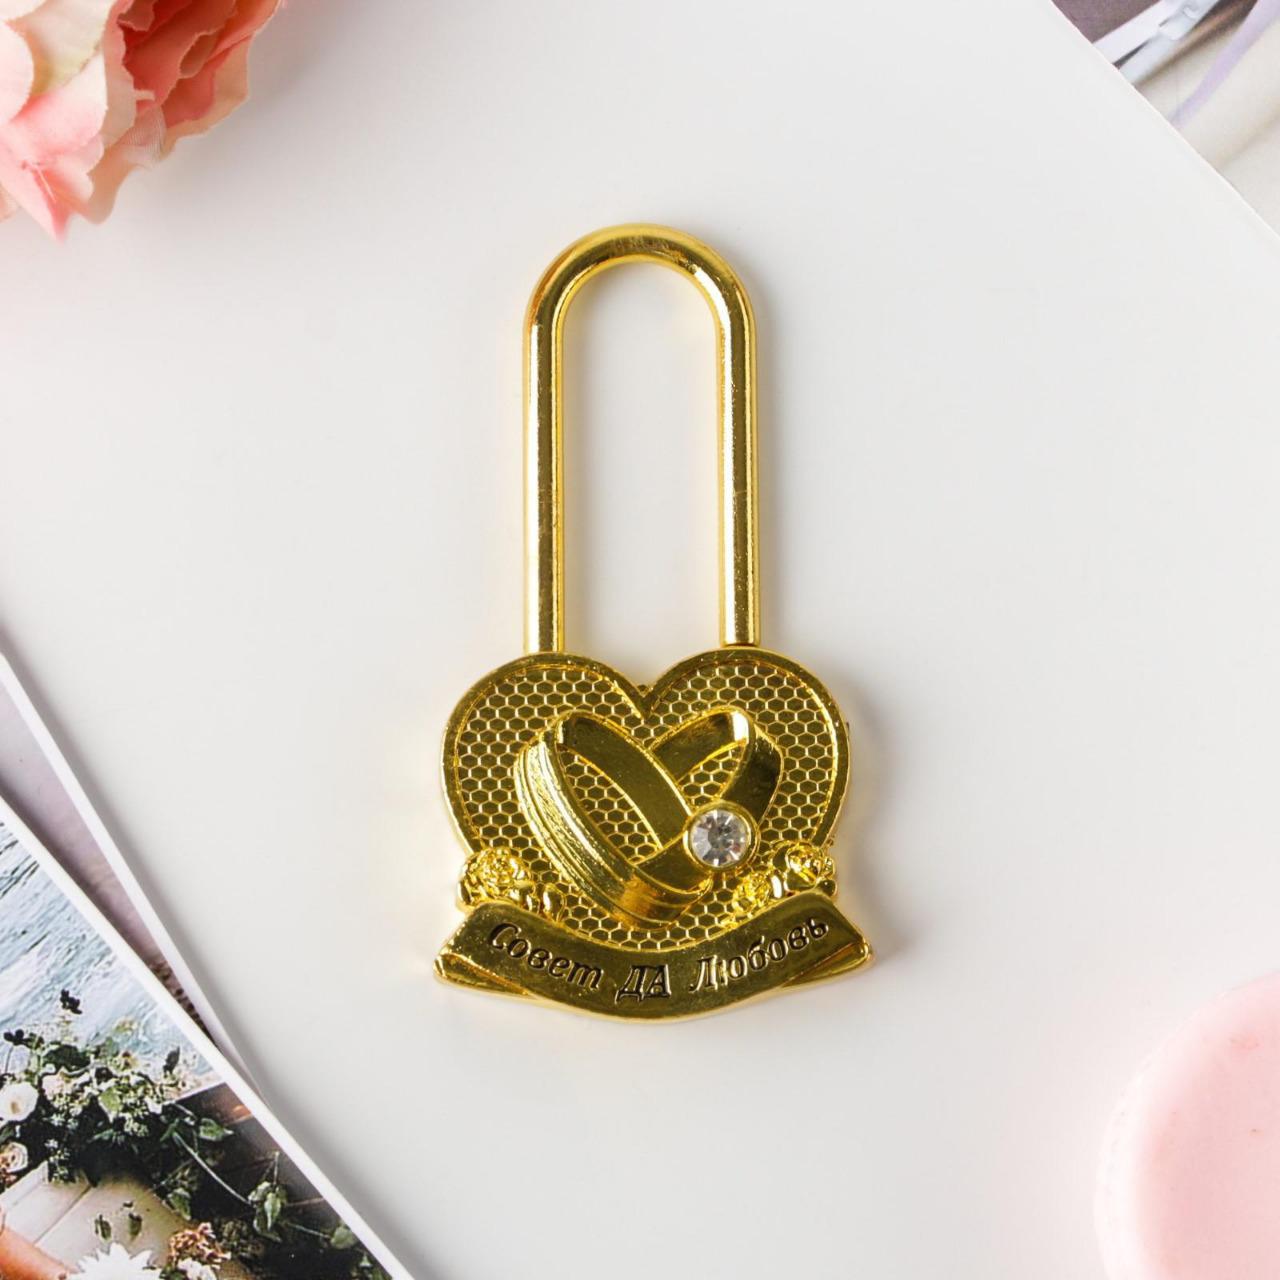 Свадебный замок «Совет да любовь», золото, 9,5 х 12 см